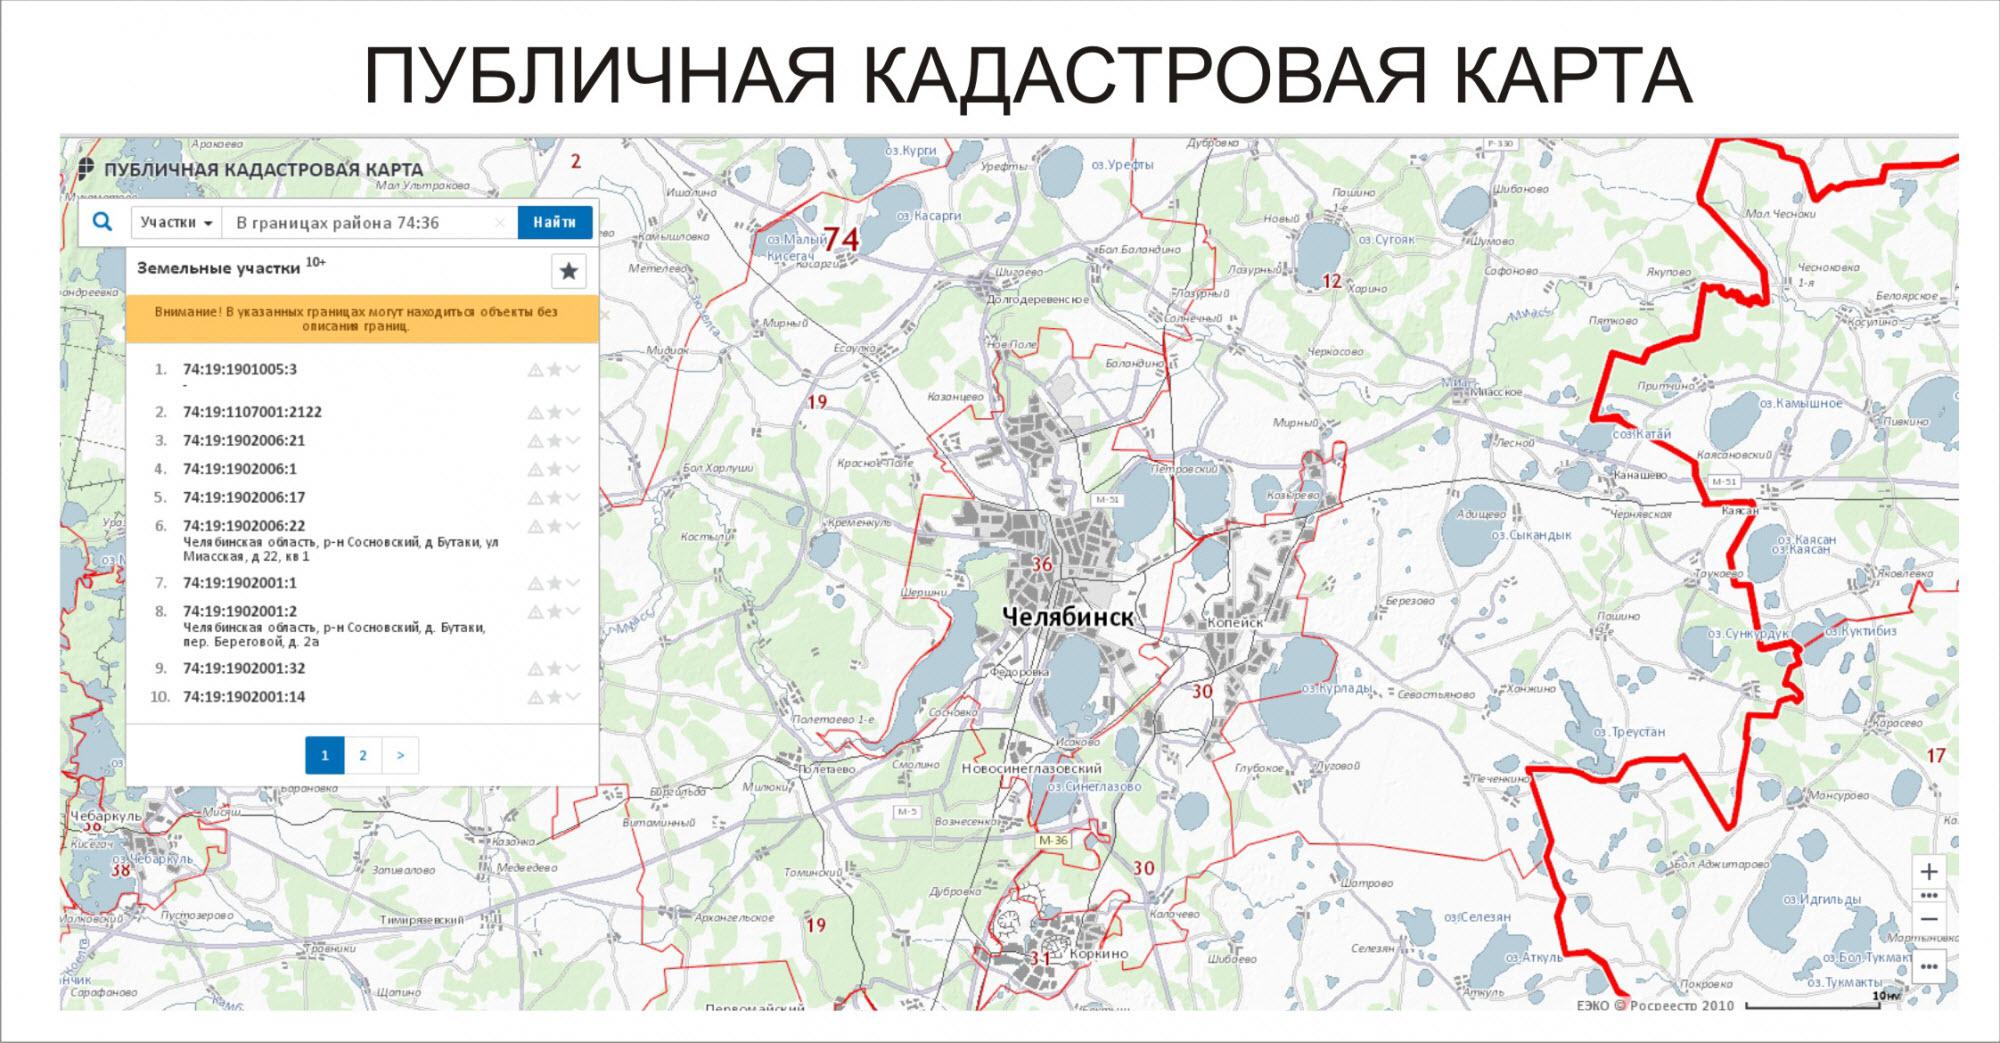 кадастр реестр земельных участков